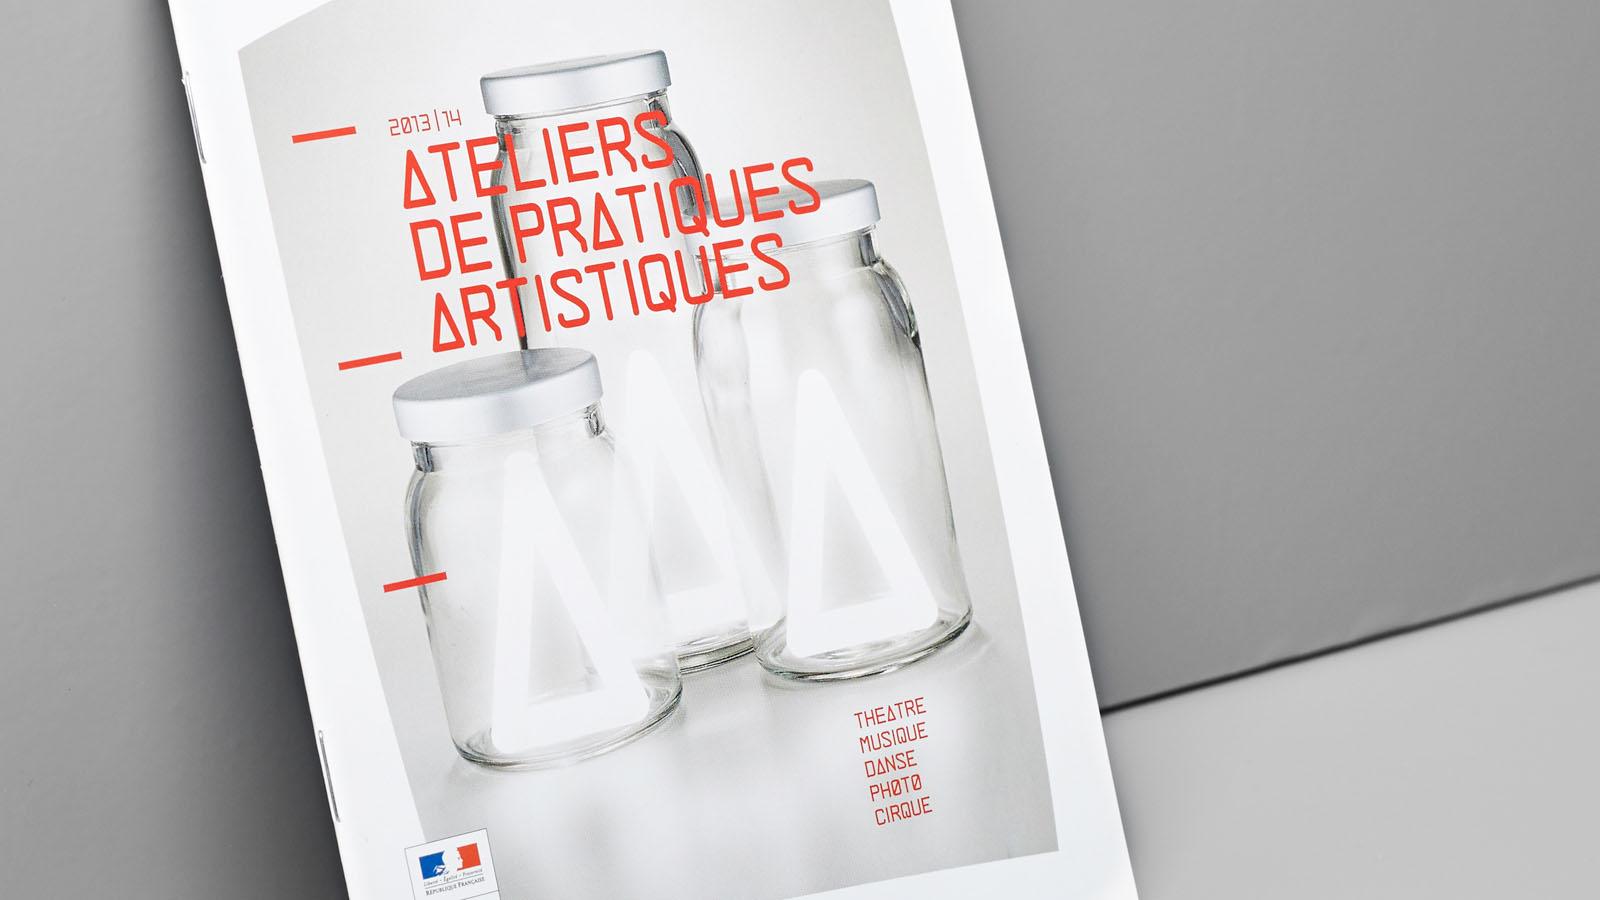 graphiste-montpellier-designer-graphique-communication-montpellier-alexandre-bena_BenaDesign27655